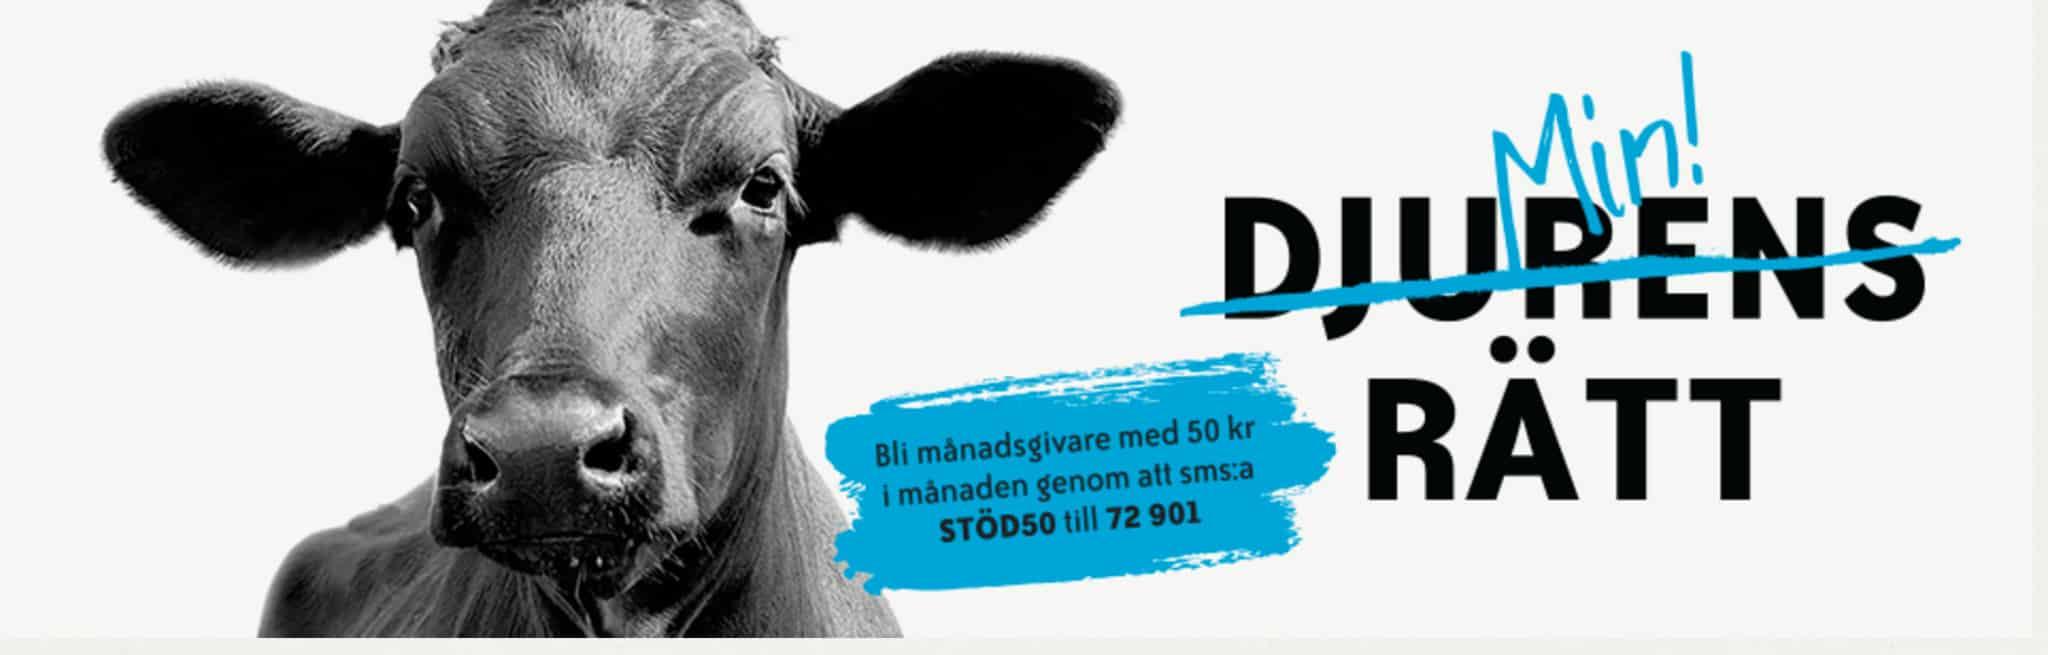 Djurens Rätt har inte klarat Svensk Insamlingskontrolls mål sex av de nio senaste åren. Skärmdump: Djurens Rätt